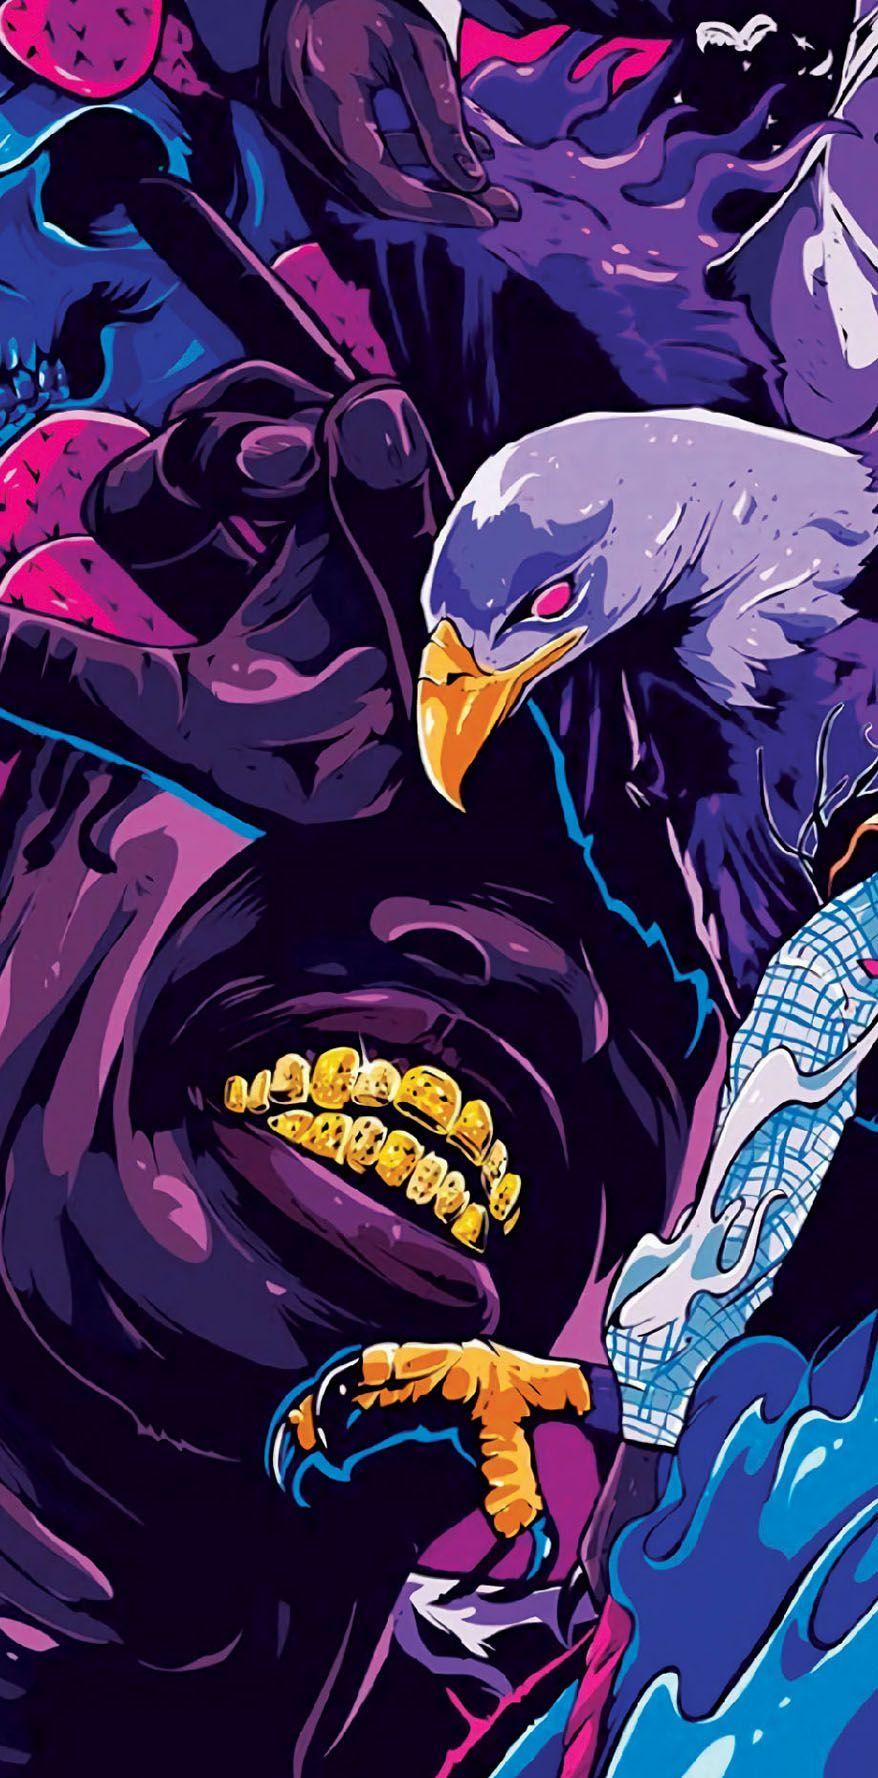 Travis Scott Butterfly Effect Travis Scott Art Travis Scott Wallpapers Hip Hop Art